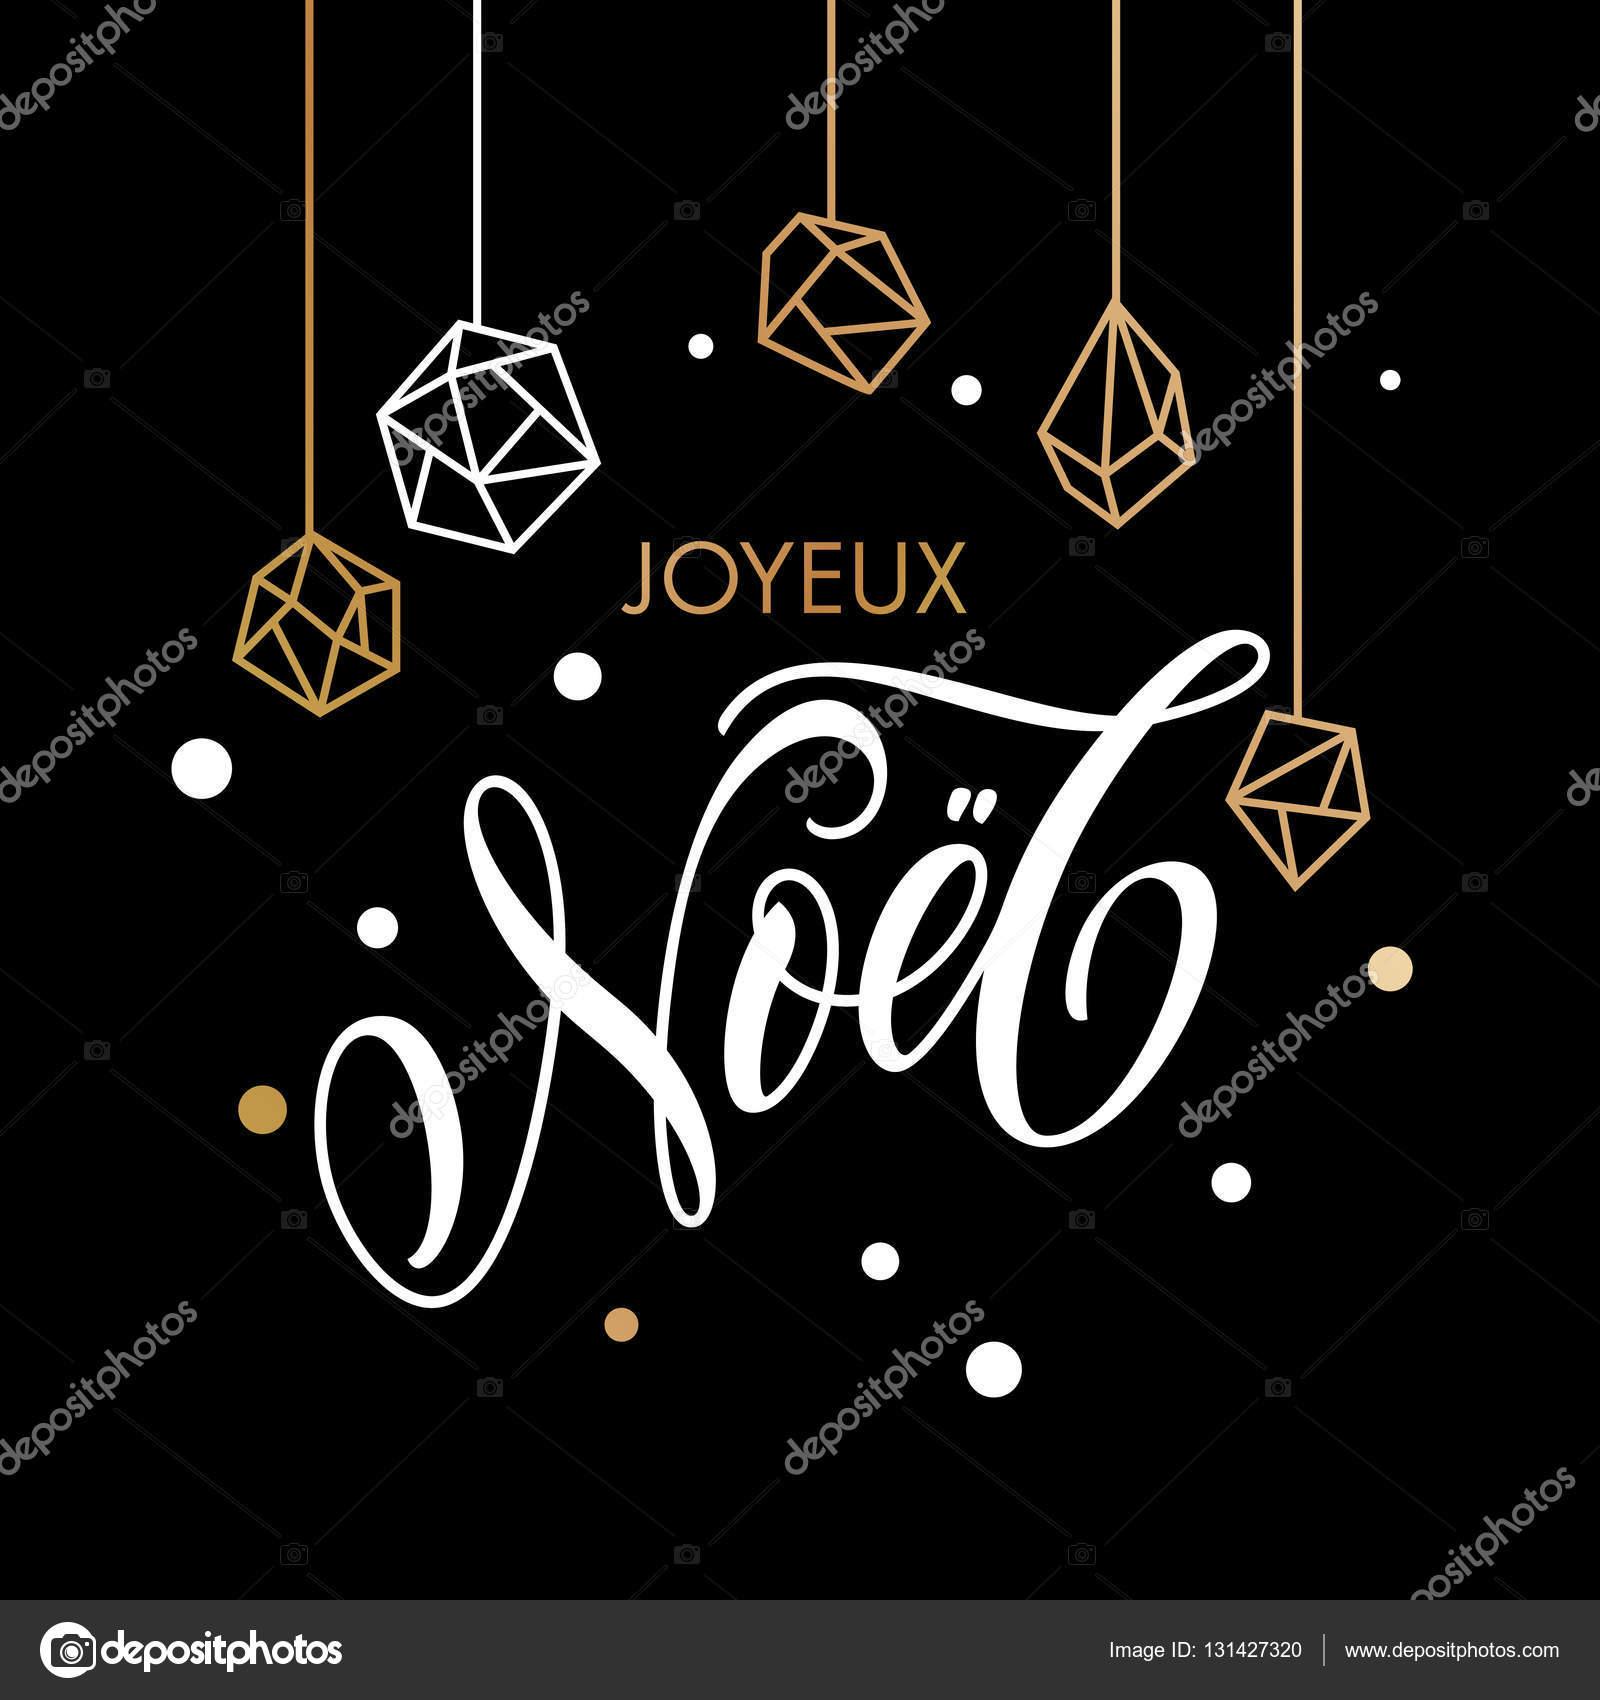 Французские поздравительные открытки на французском